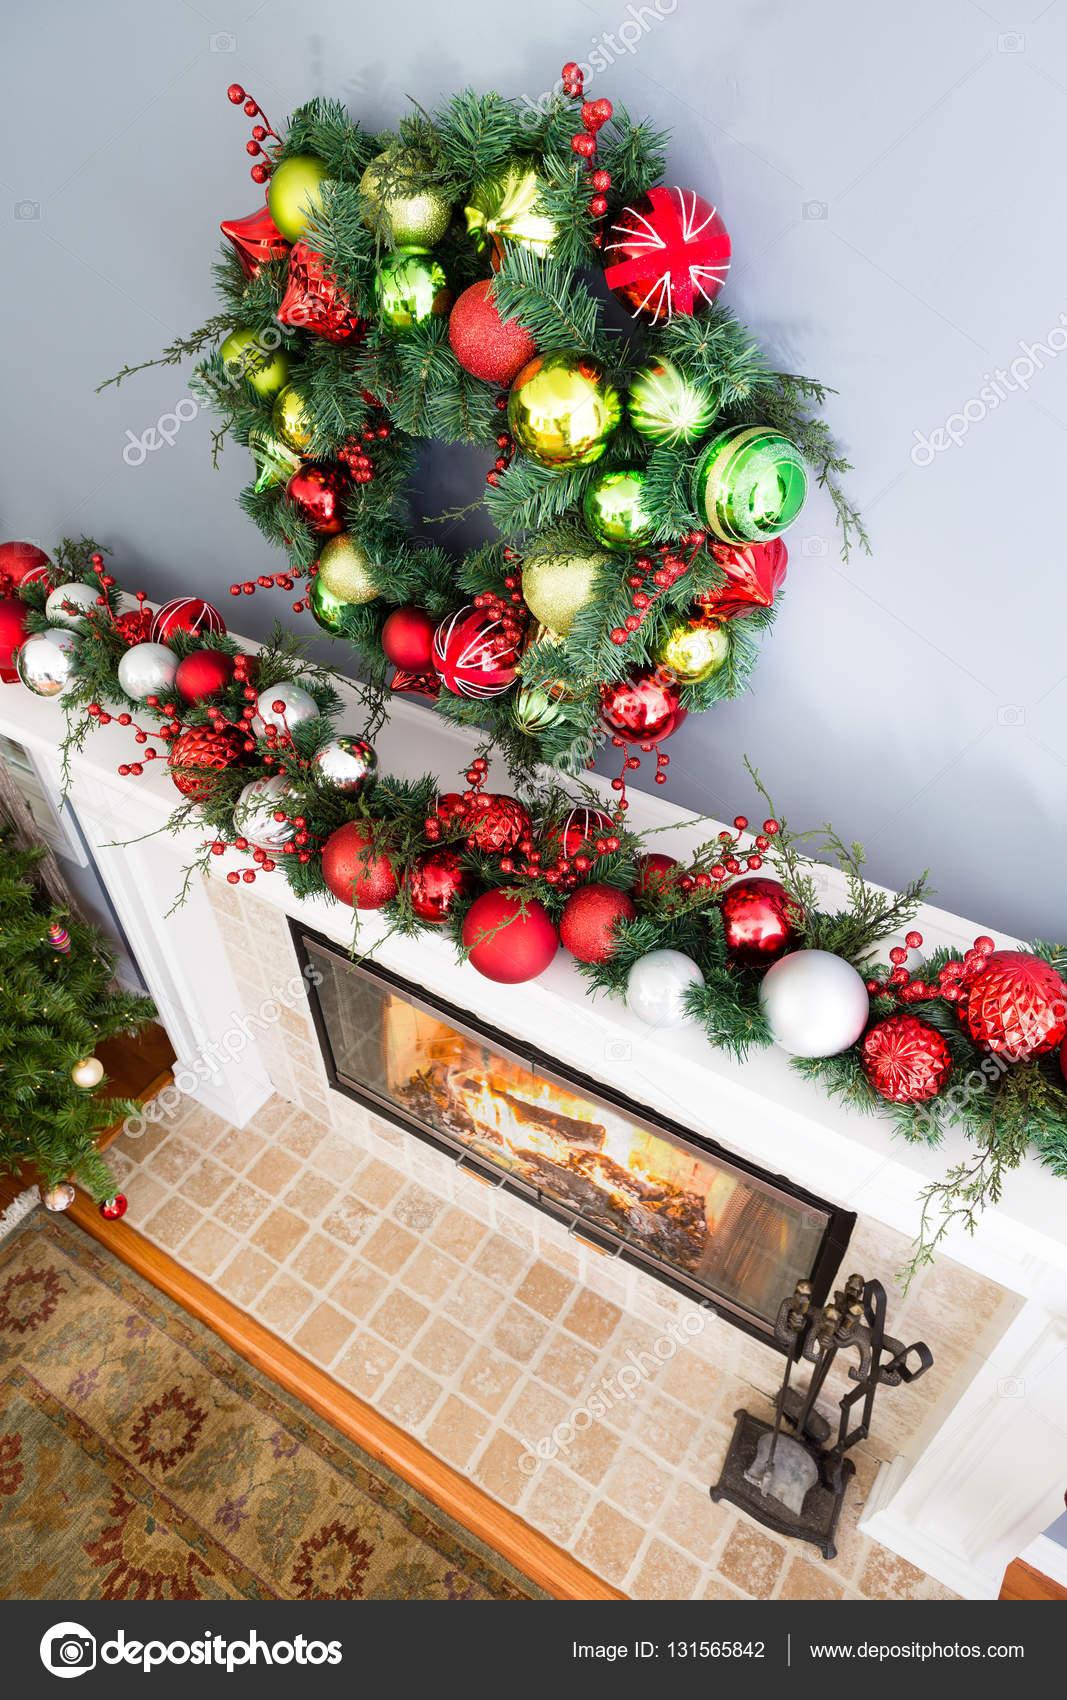 Traditionelle Bunte Weihnachten Kranz Hängen über Dem Kamin Und Dem Kaminsims  Dekoriert Mit Einem Kranz Von Roten Und Weißen Kugeln Mit Dunkelgrünem  Laub, ...